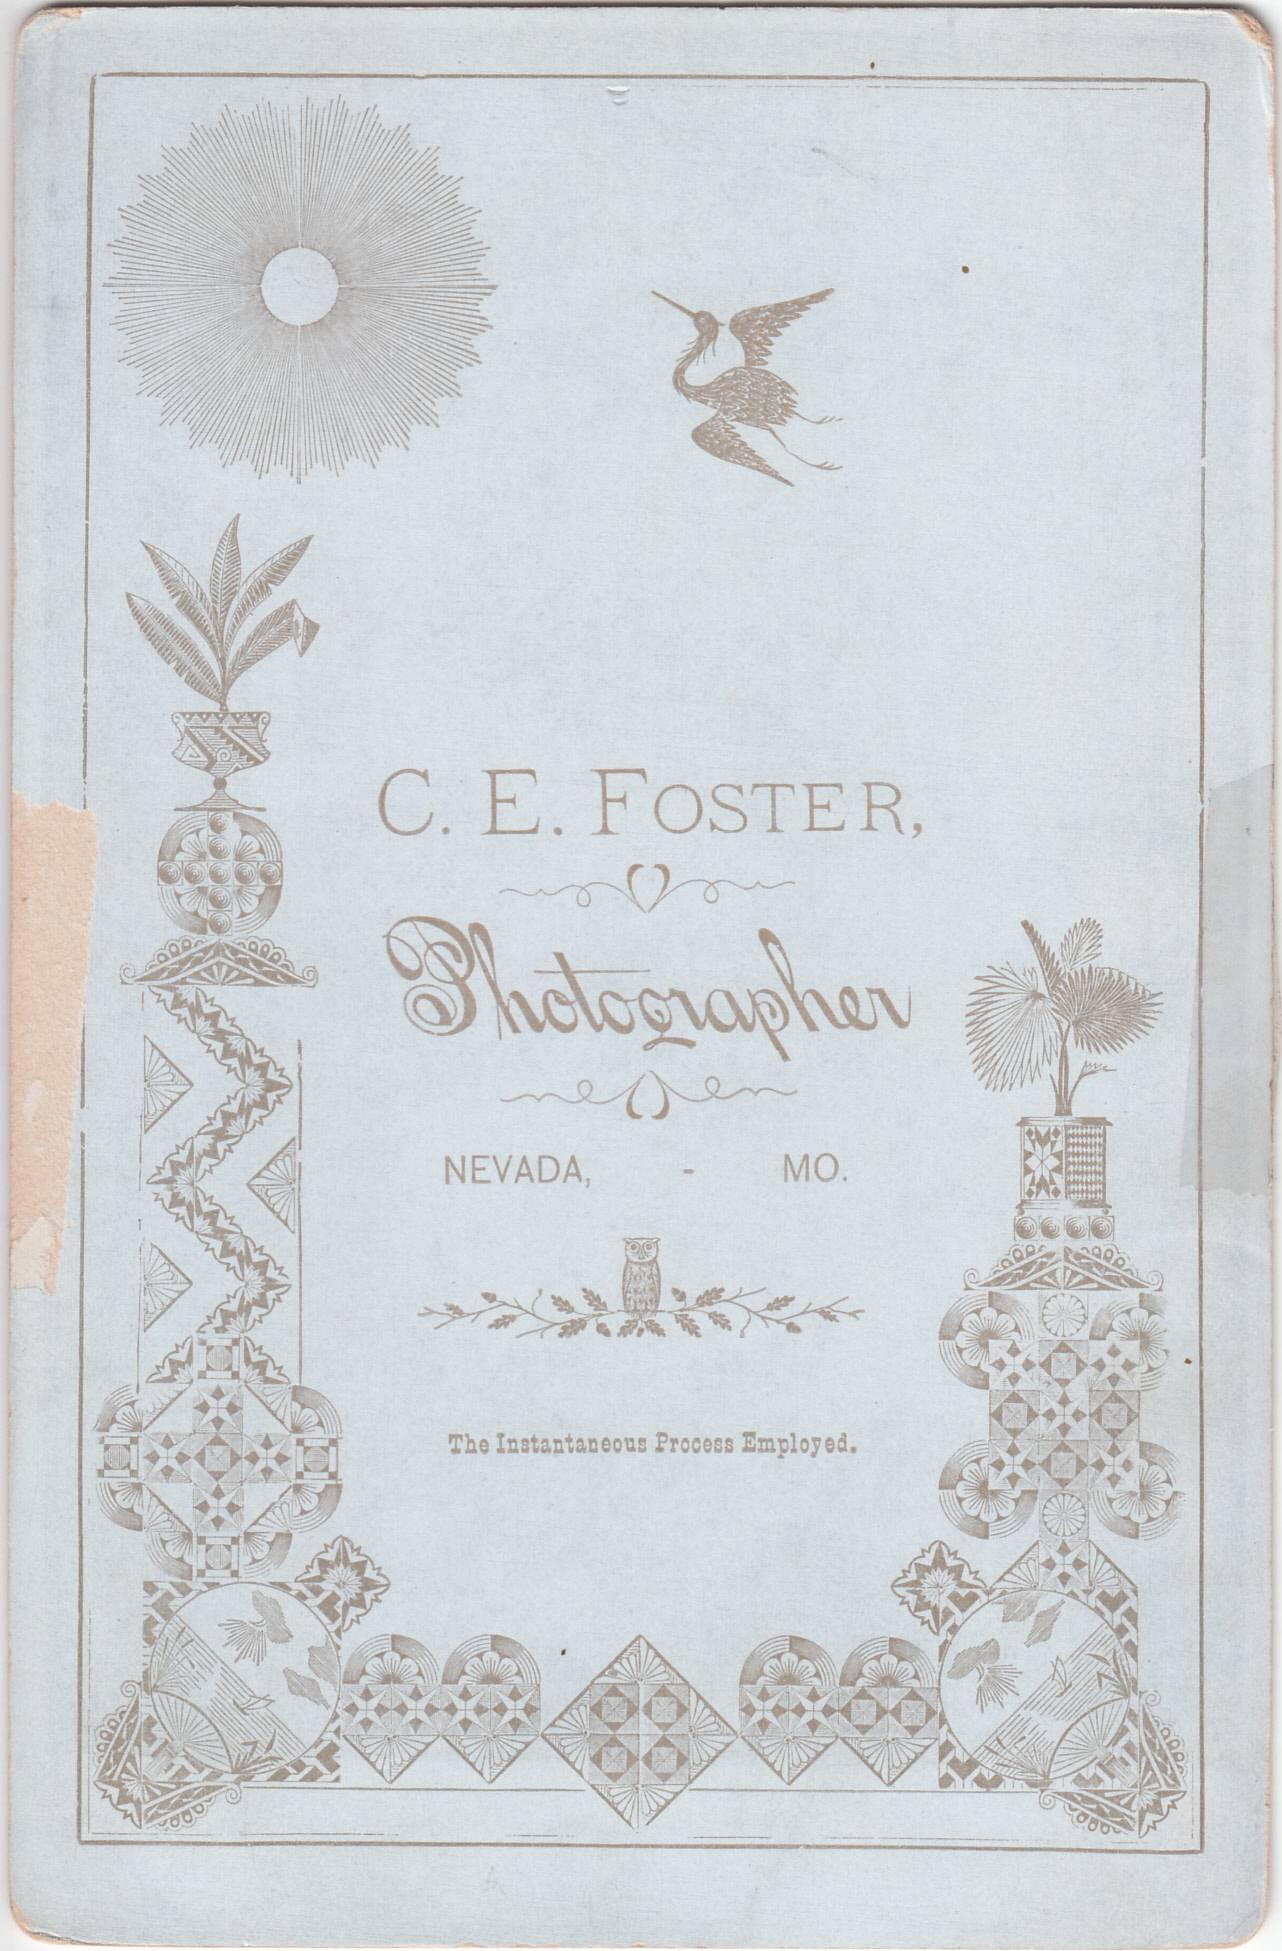 C. E. Foster of Nevada, Missouri